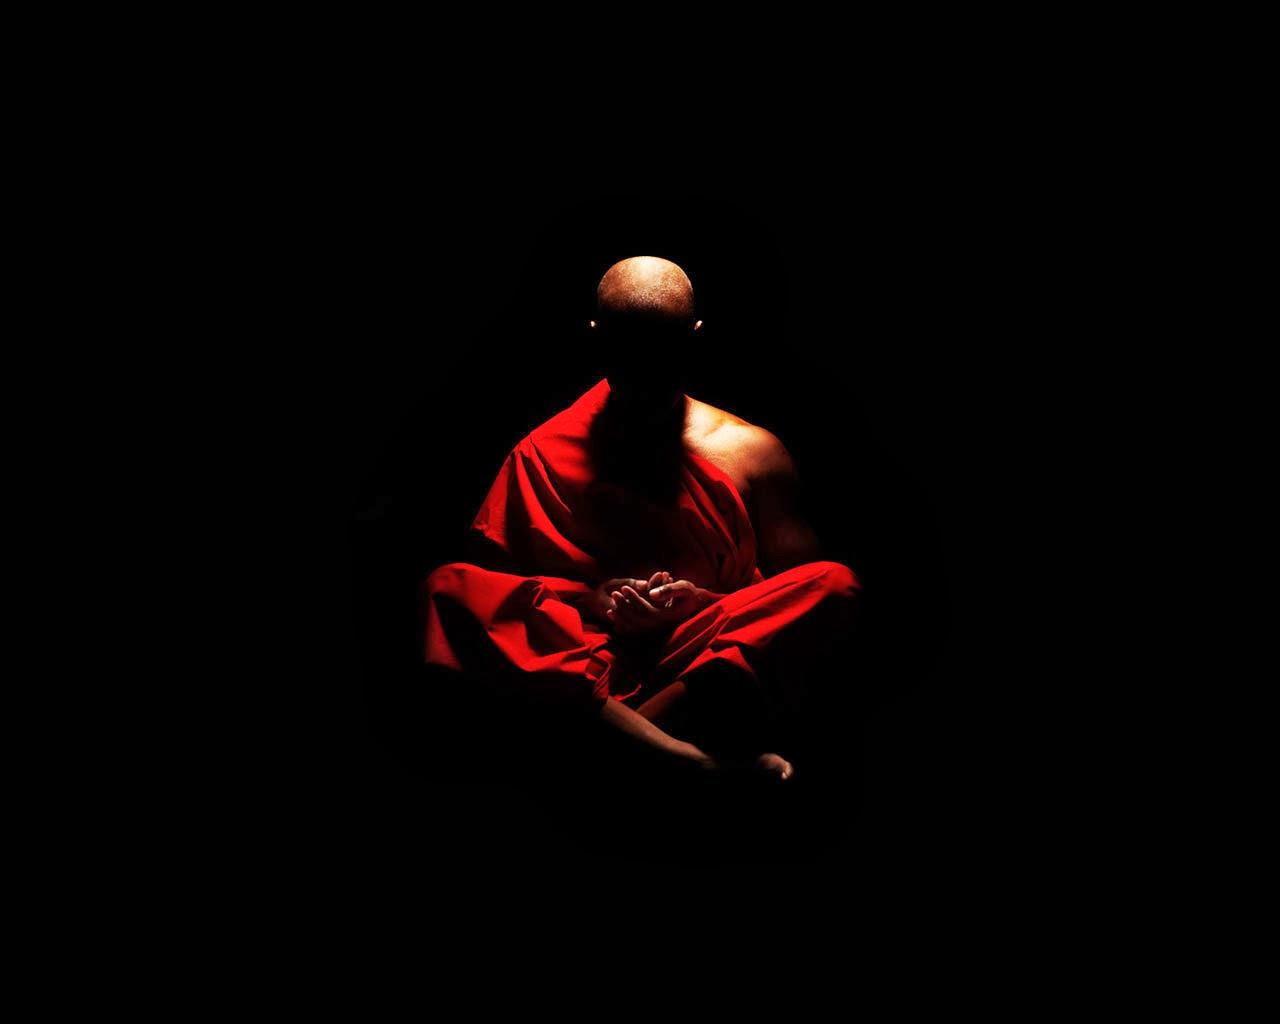 om meditation wallpaper - photo #18